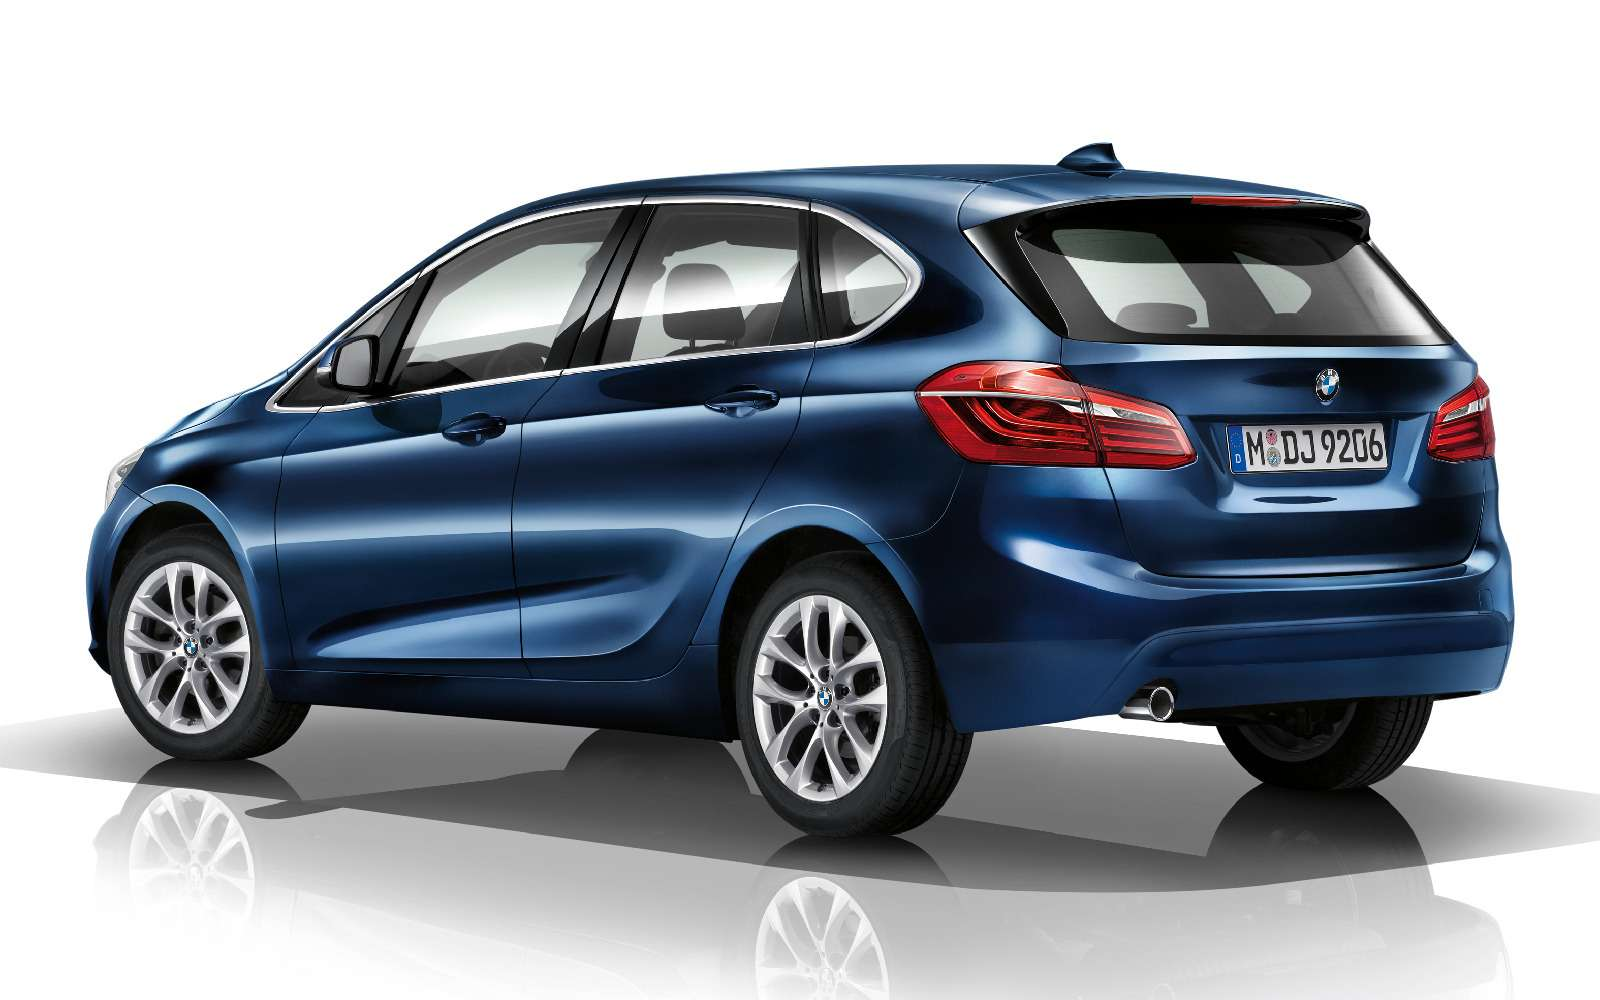 BMW2-й серии Active Tourer: объявлены рублевые цены— фото 722800